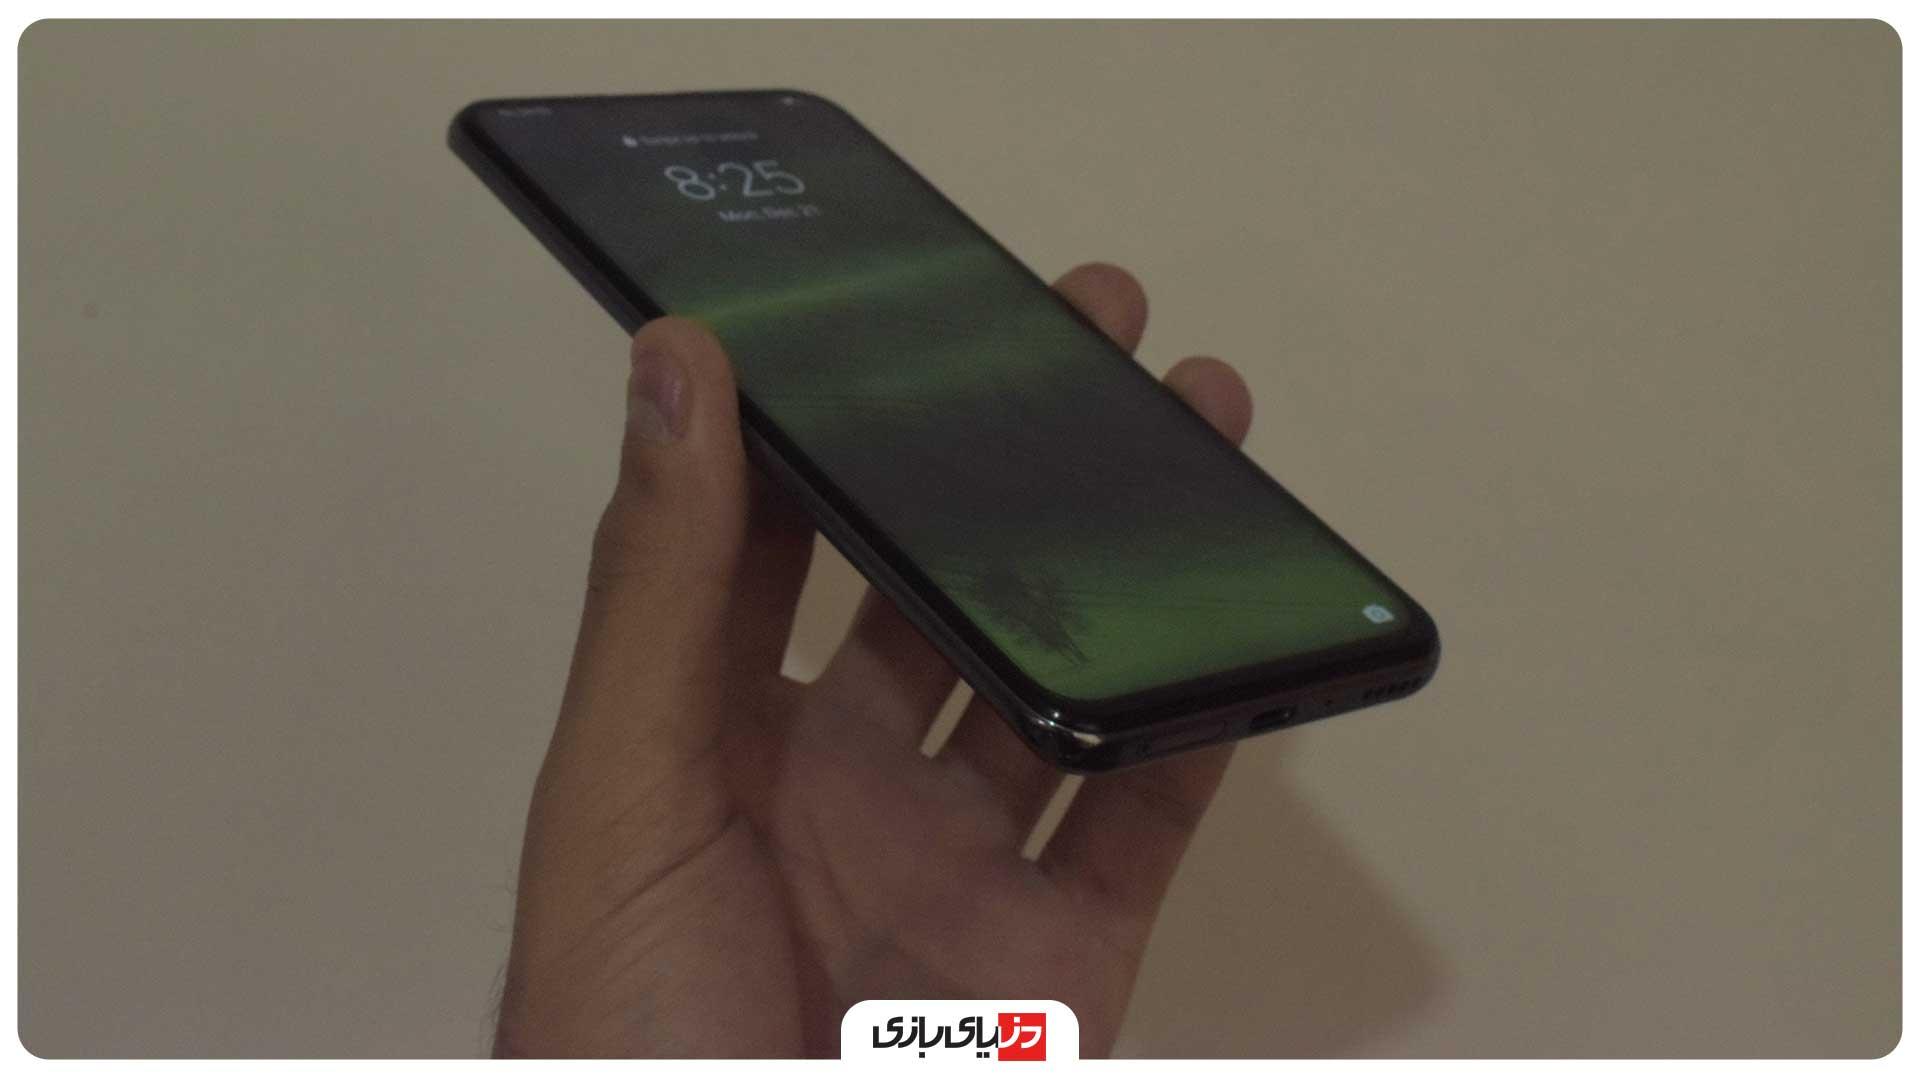 نقد و بررسی گوشی هوآوی Y9a